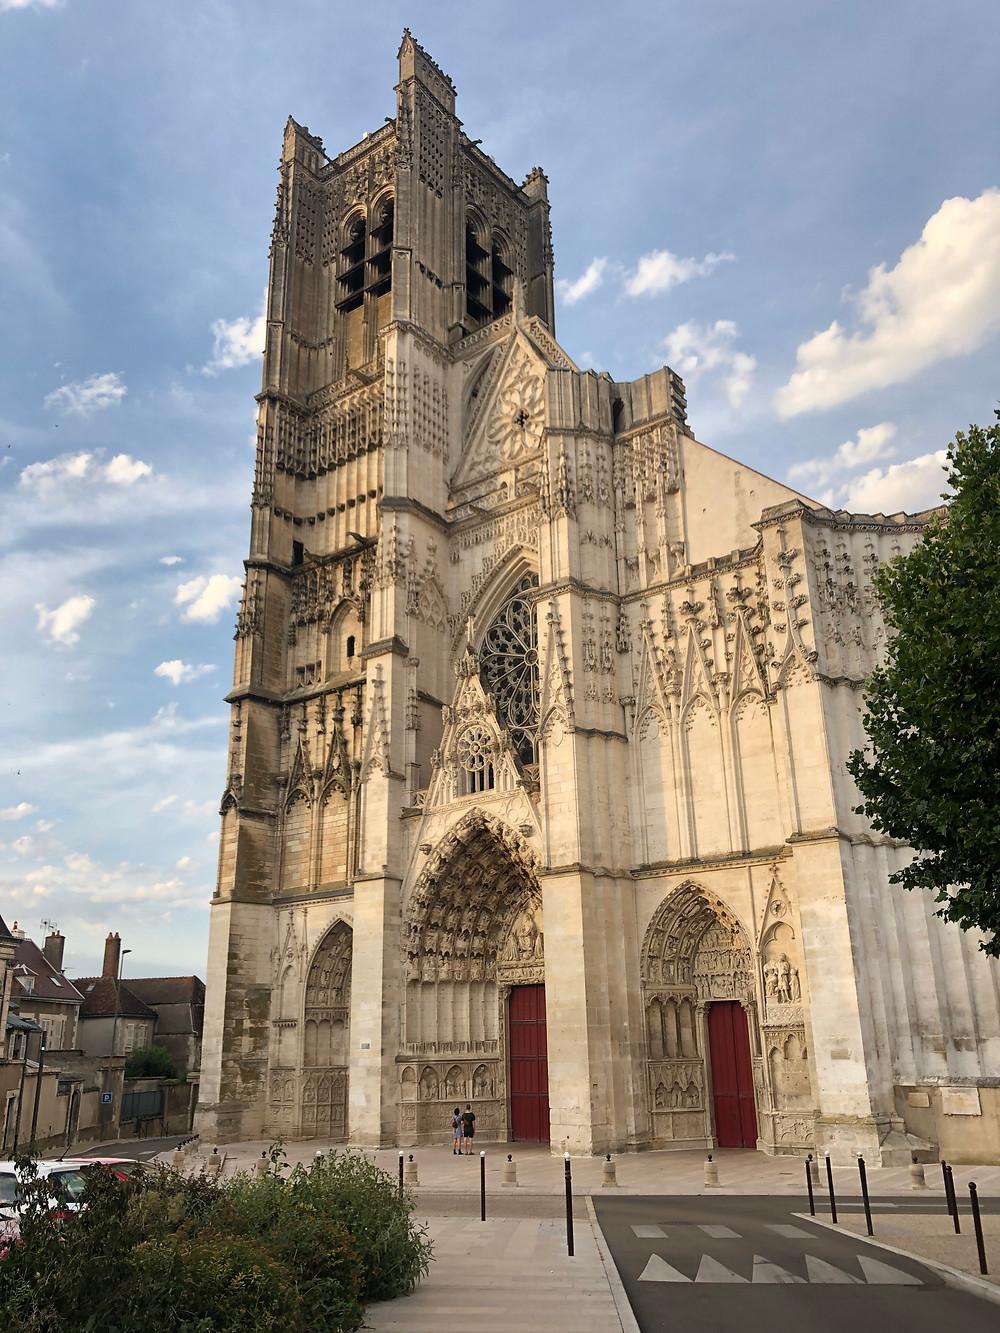 Saint-Germain Abbey in Auxerre